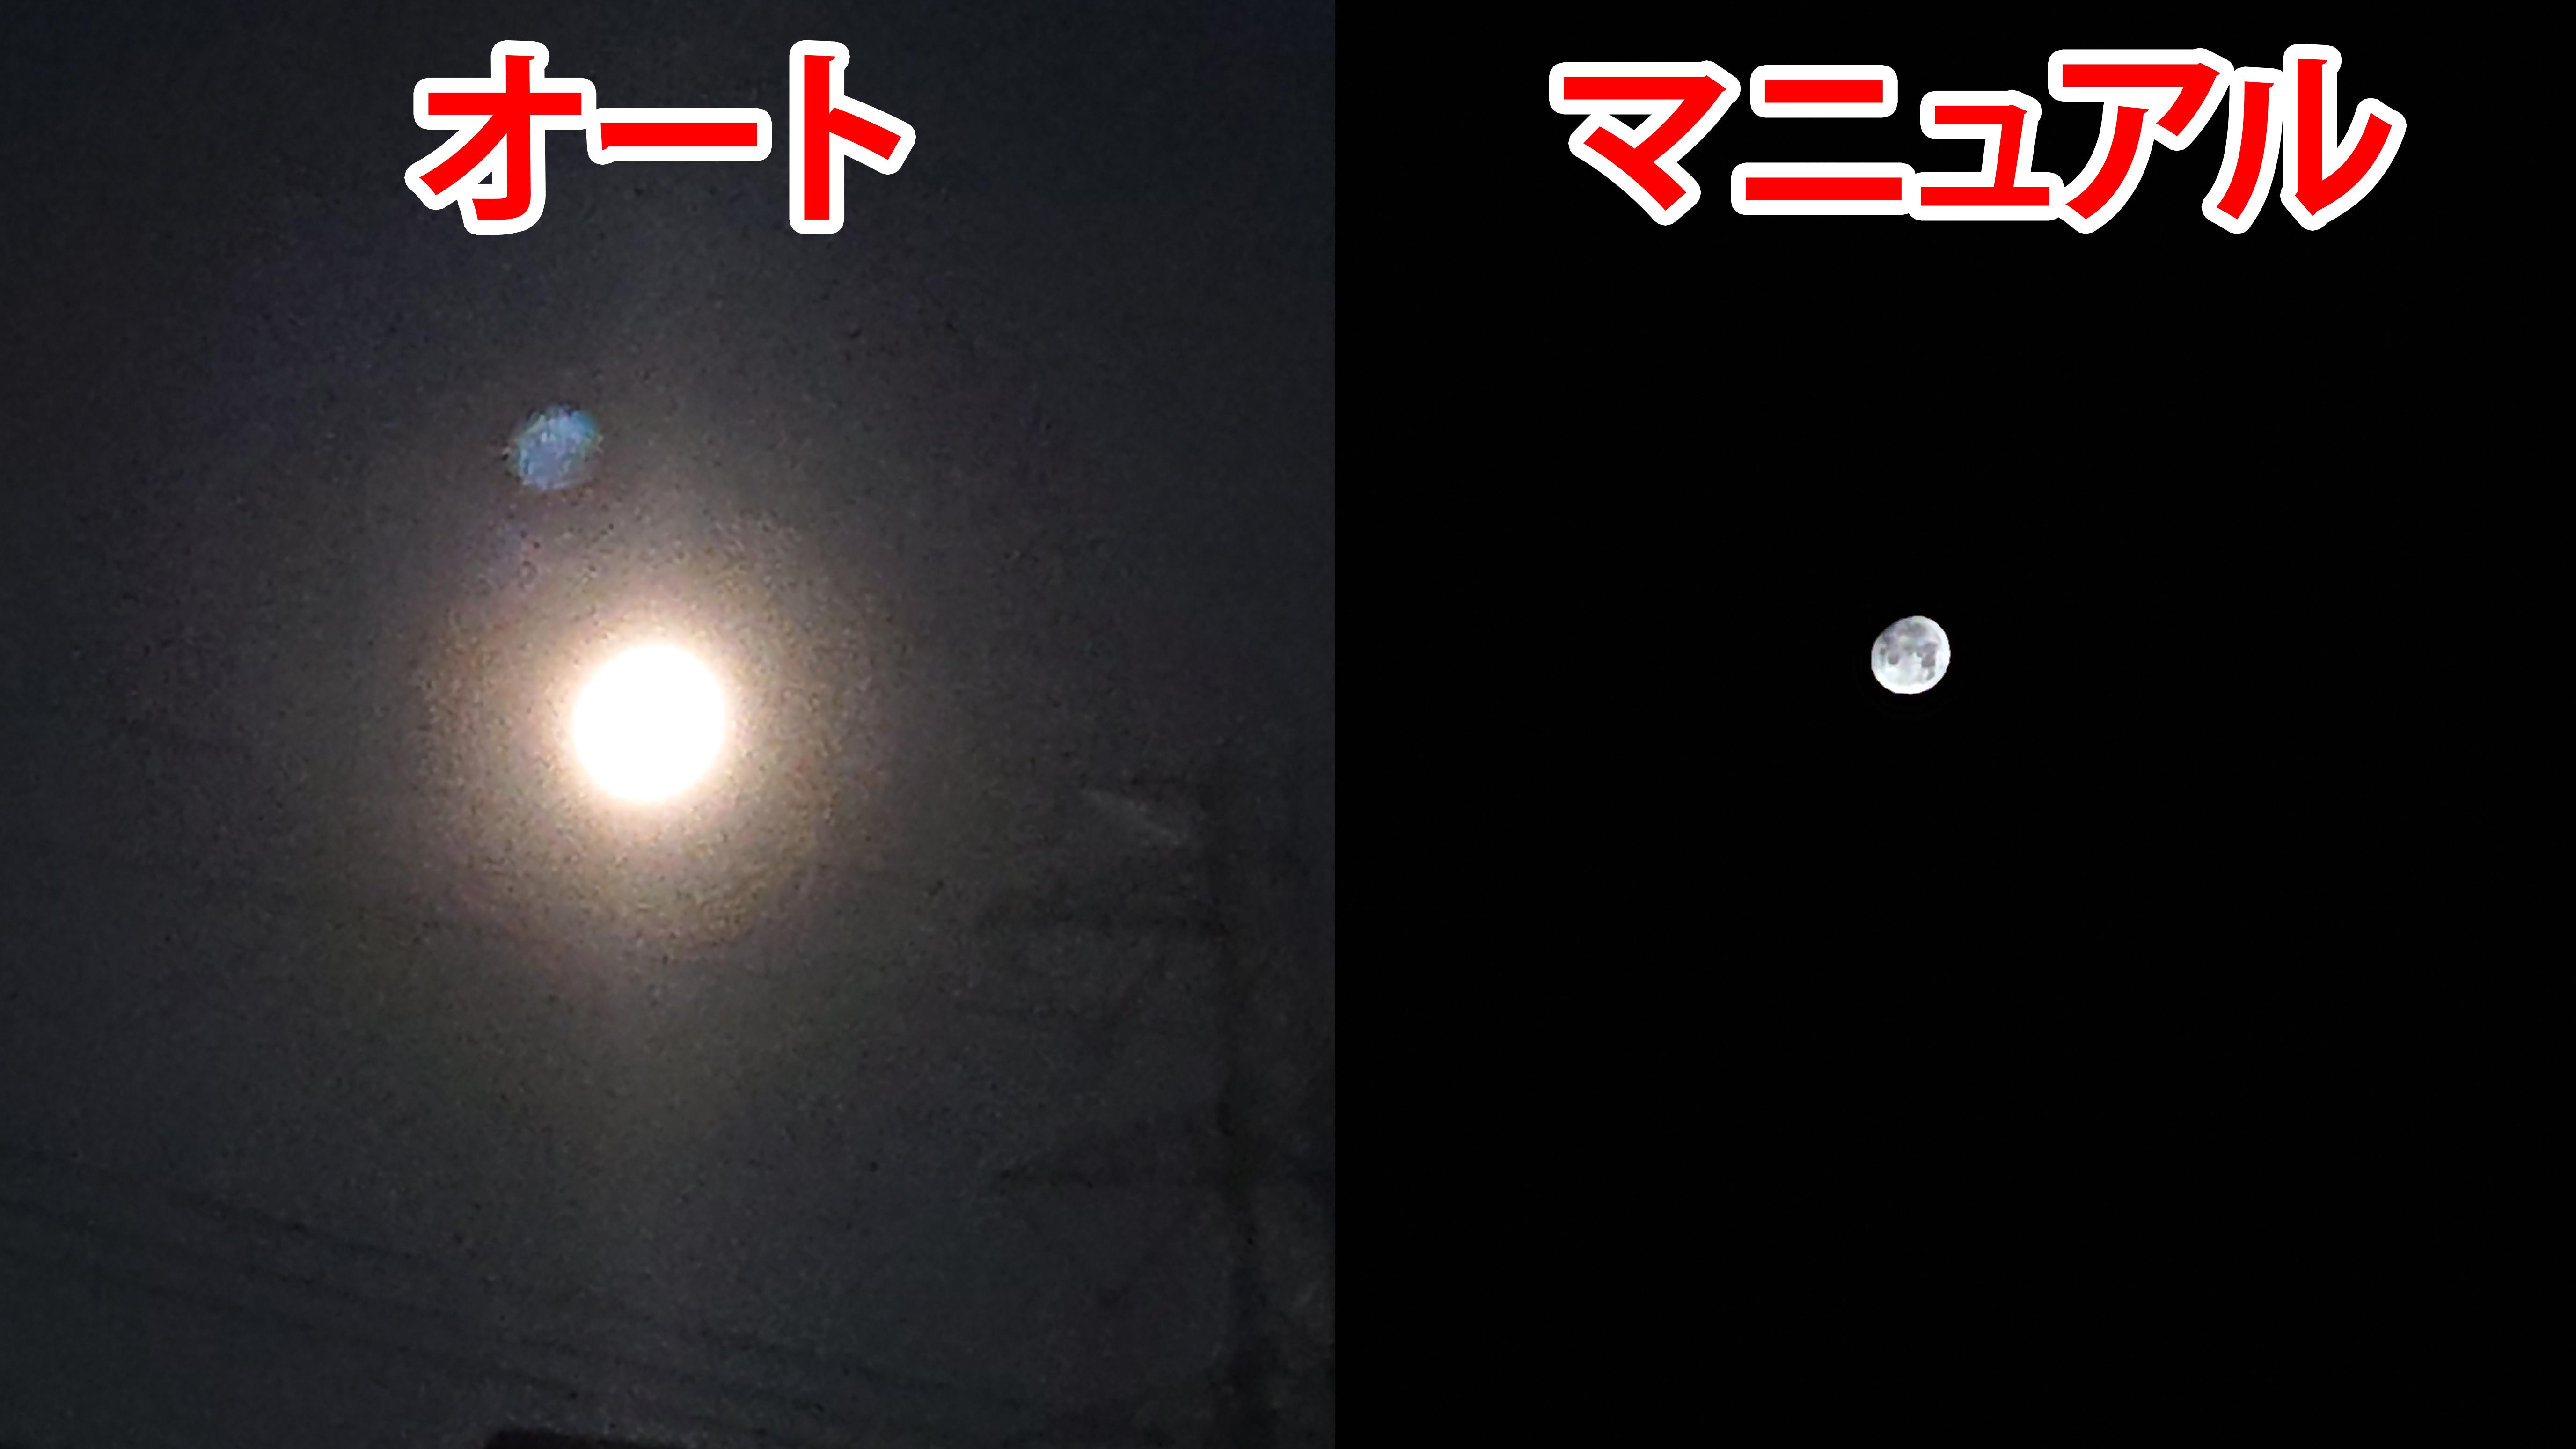 大きい 今日 の 月